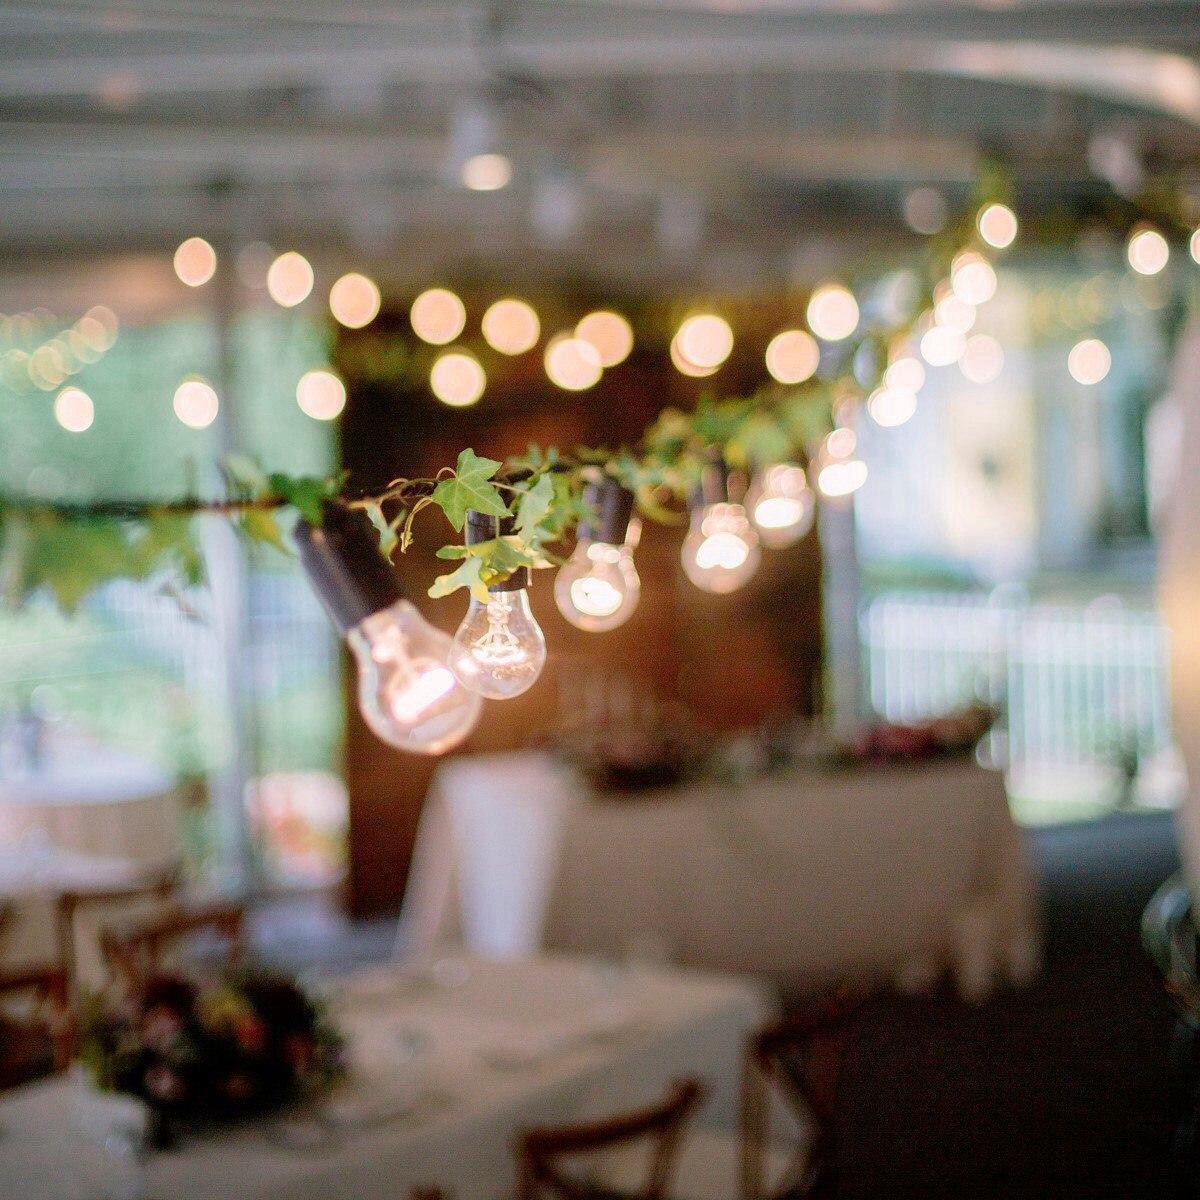 Ретро гирлянда белая 20 метров 31 лампа Эдисона LED G95 + защита от дождя IP-33 и монтажный трос в подарок